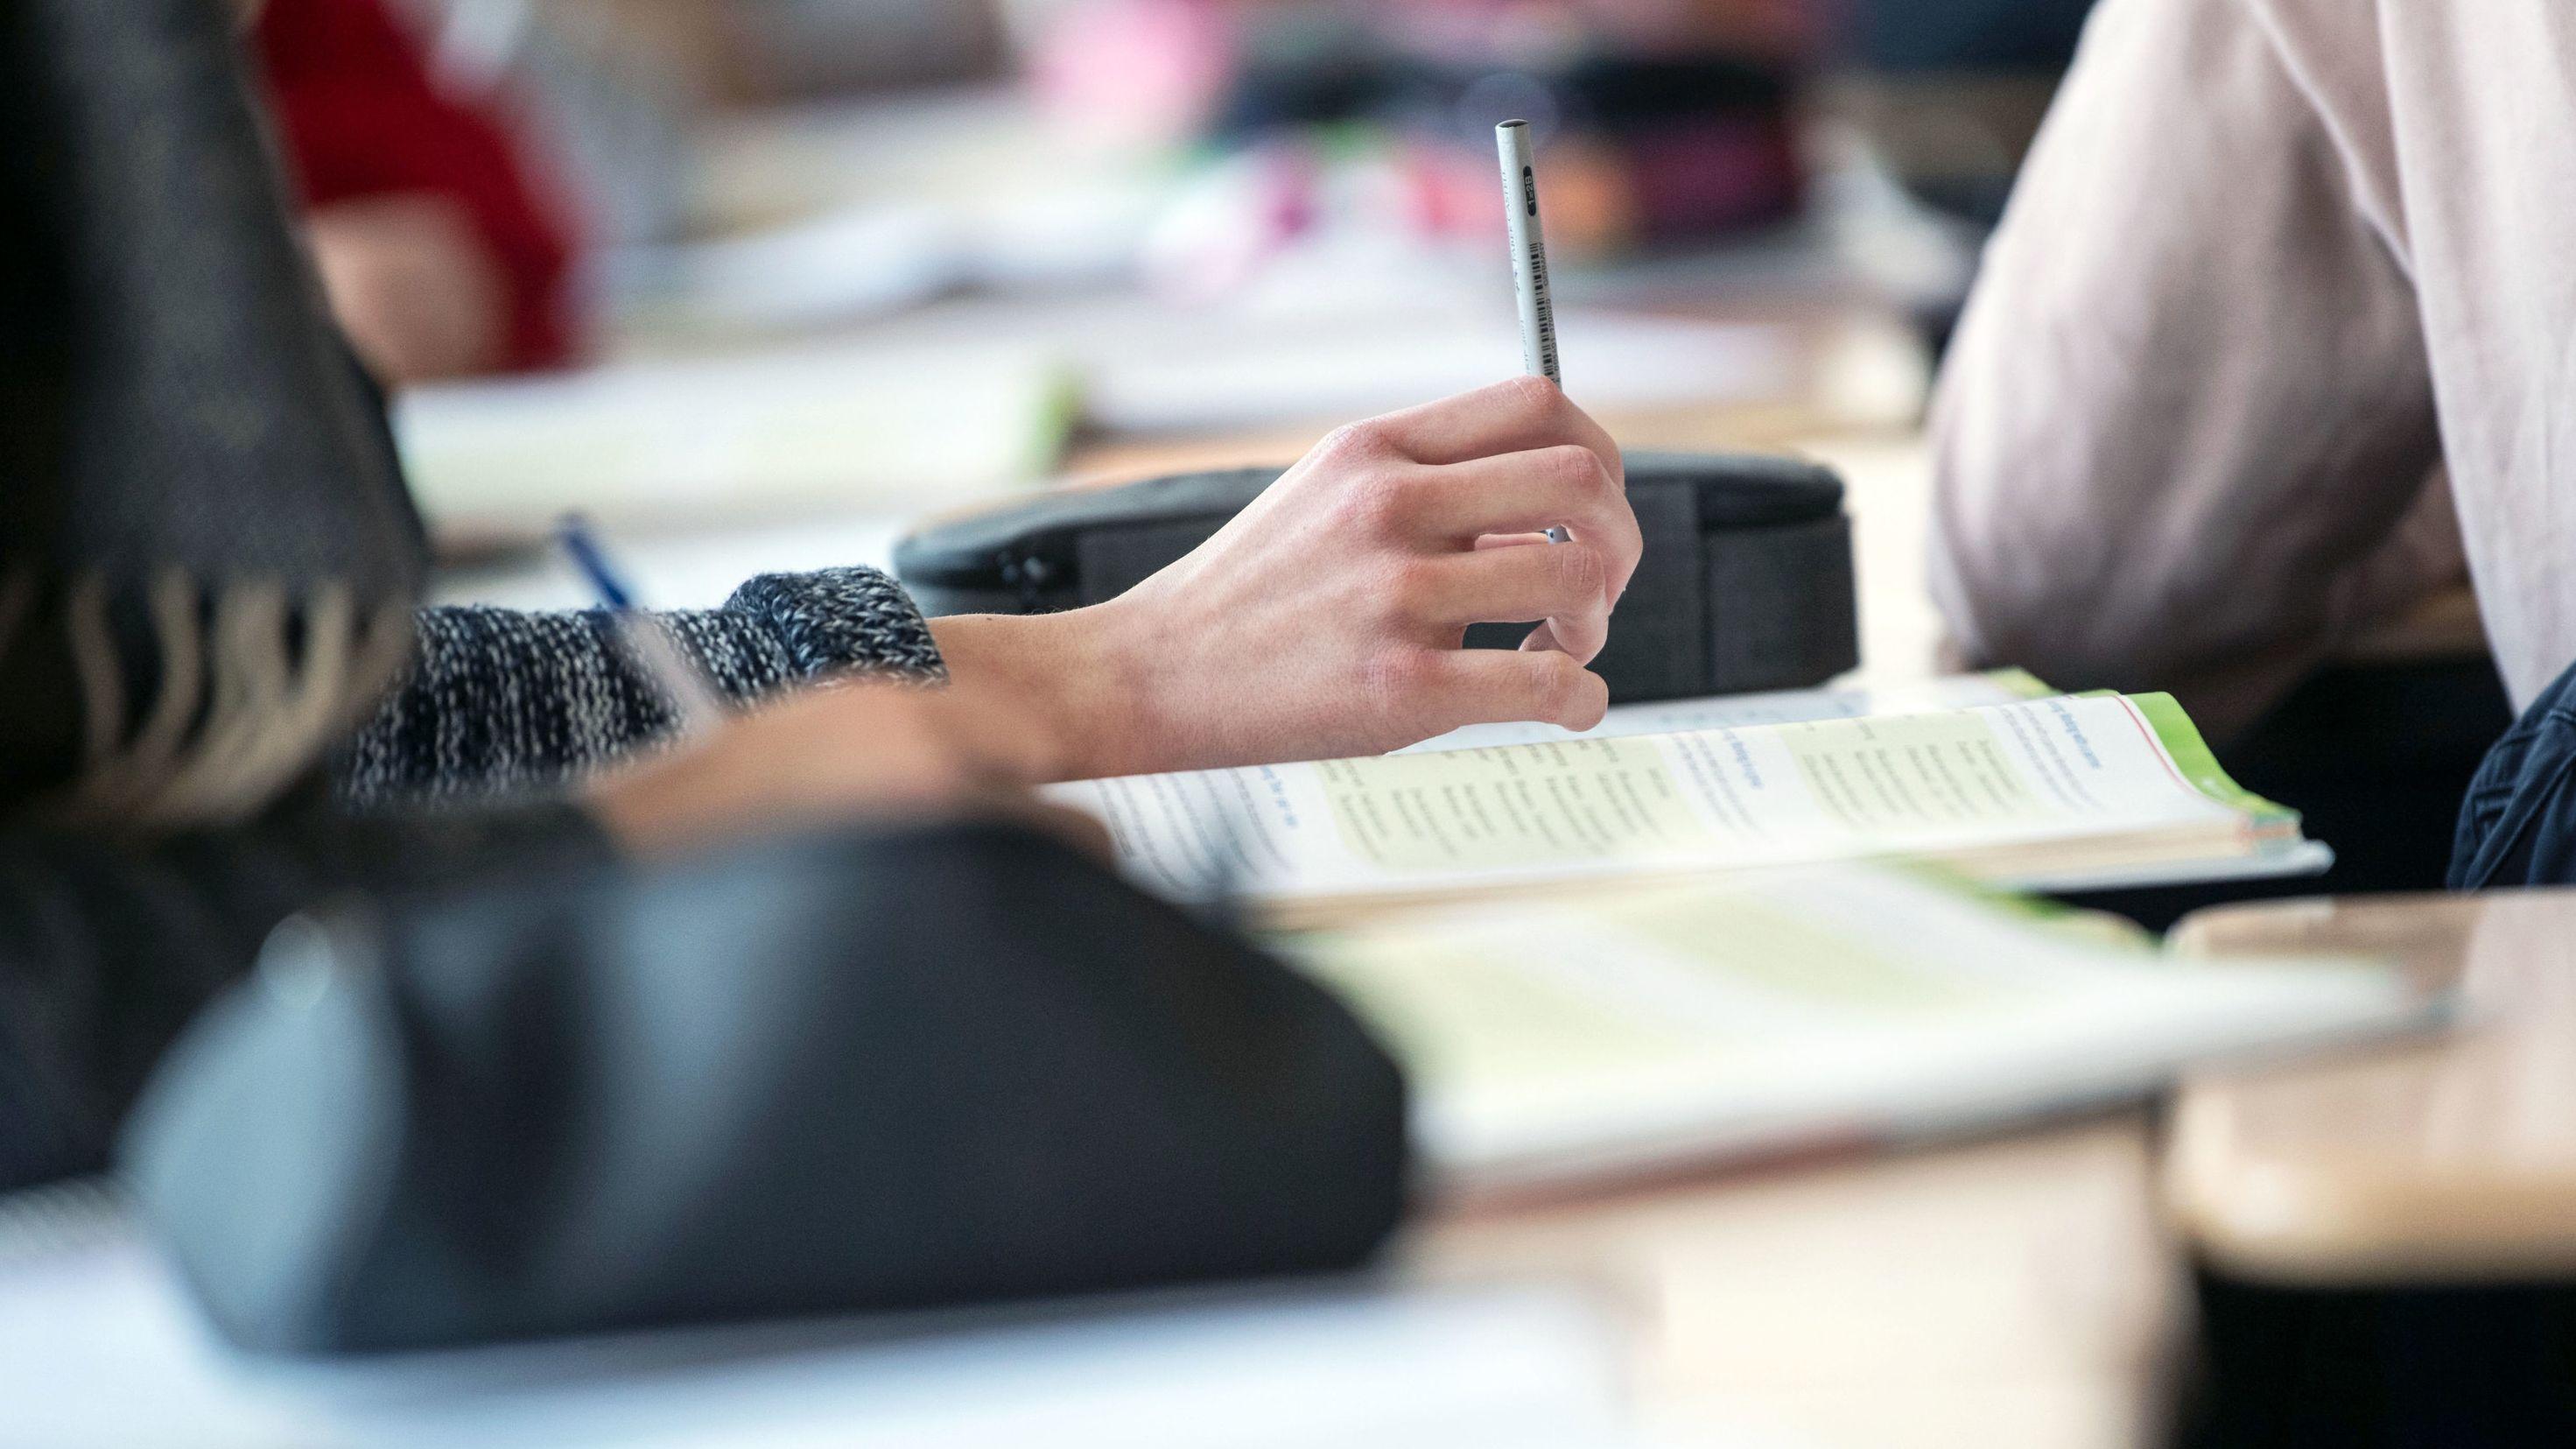 Ein geöffnetes Schulbuch liegt auf einem Tisch.